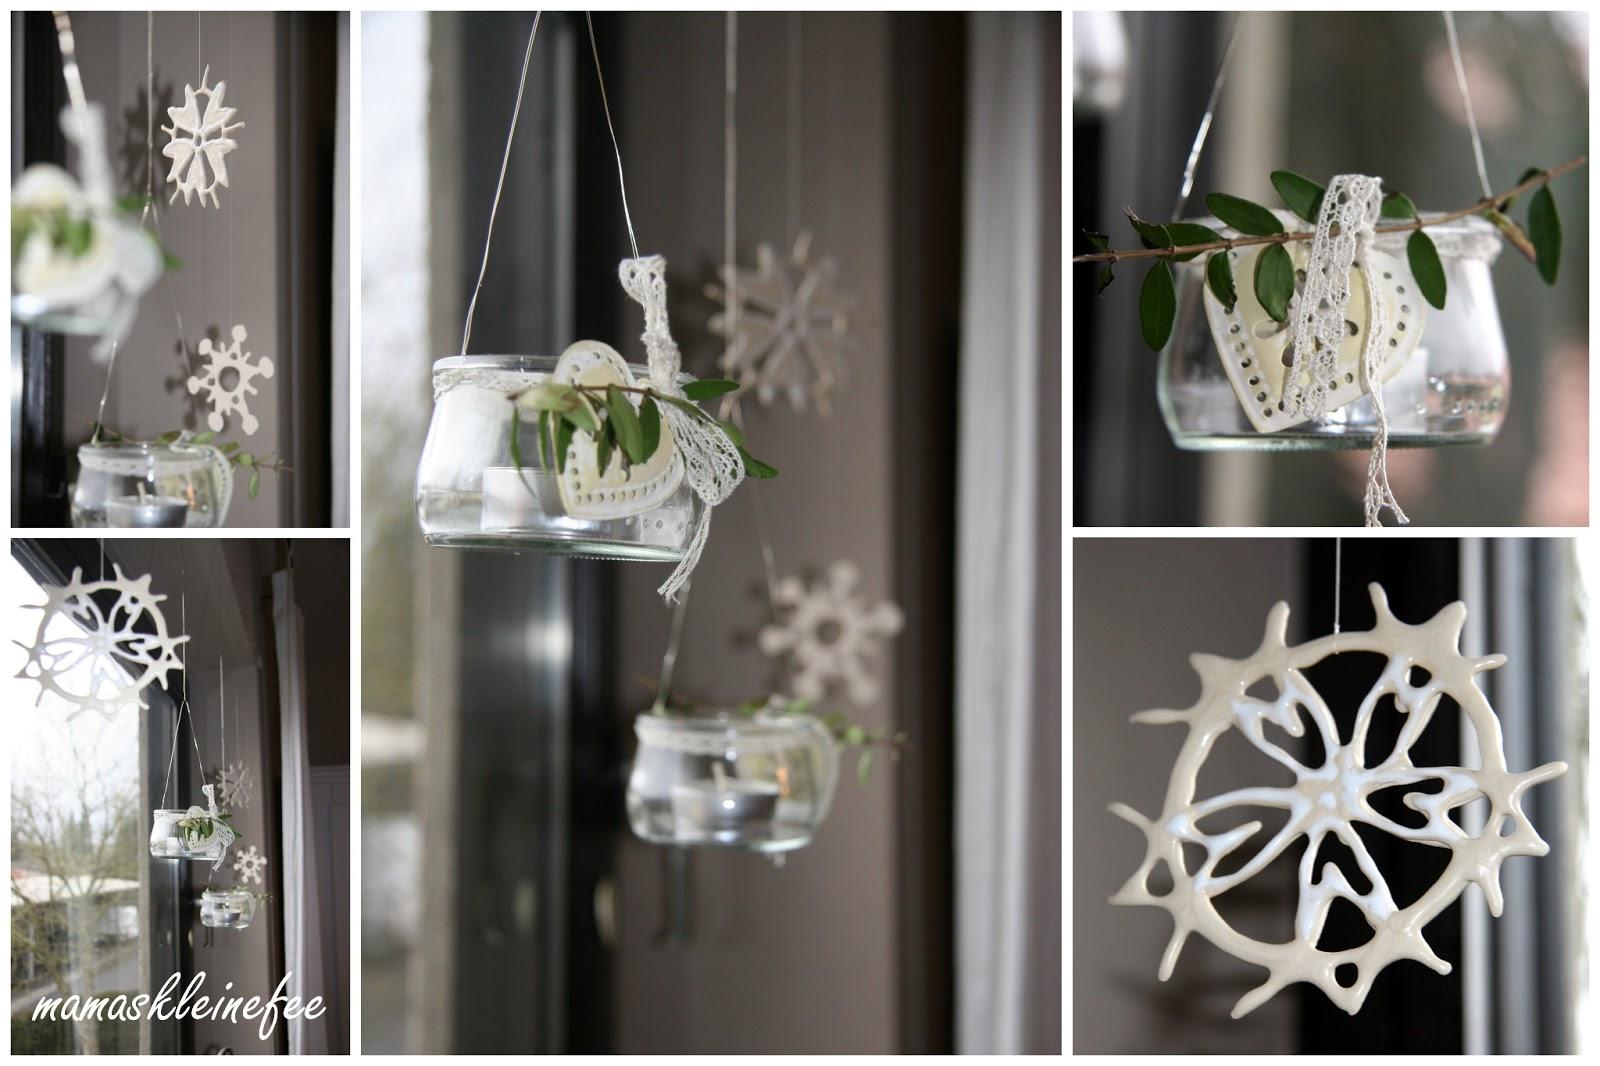 Fensterdeko häkeln weihnachten  mamaskleinefee: Jahreszeitenkranz - Winterzeit